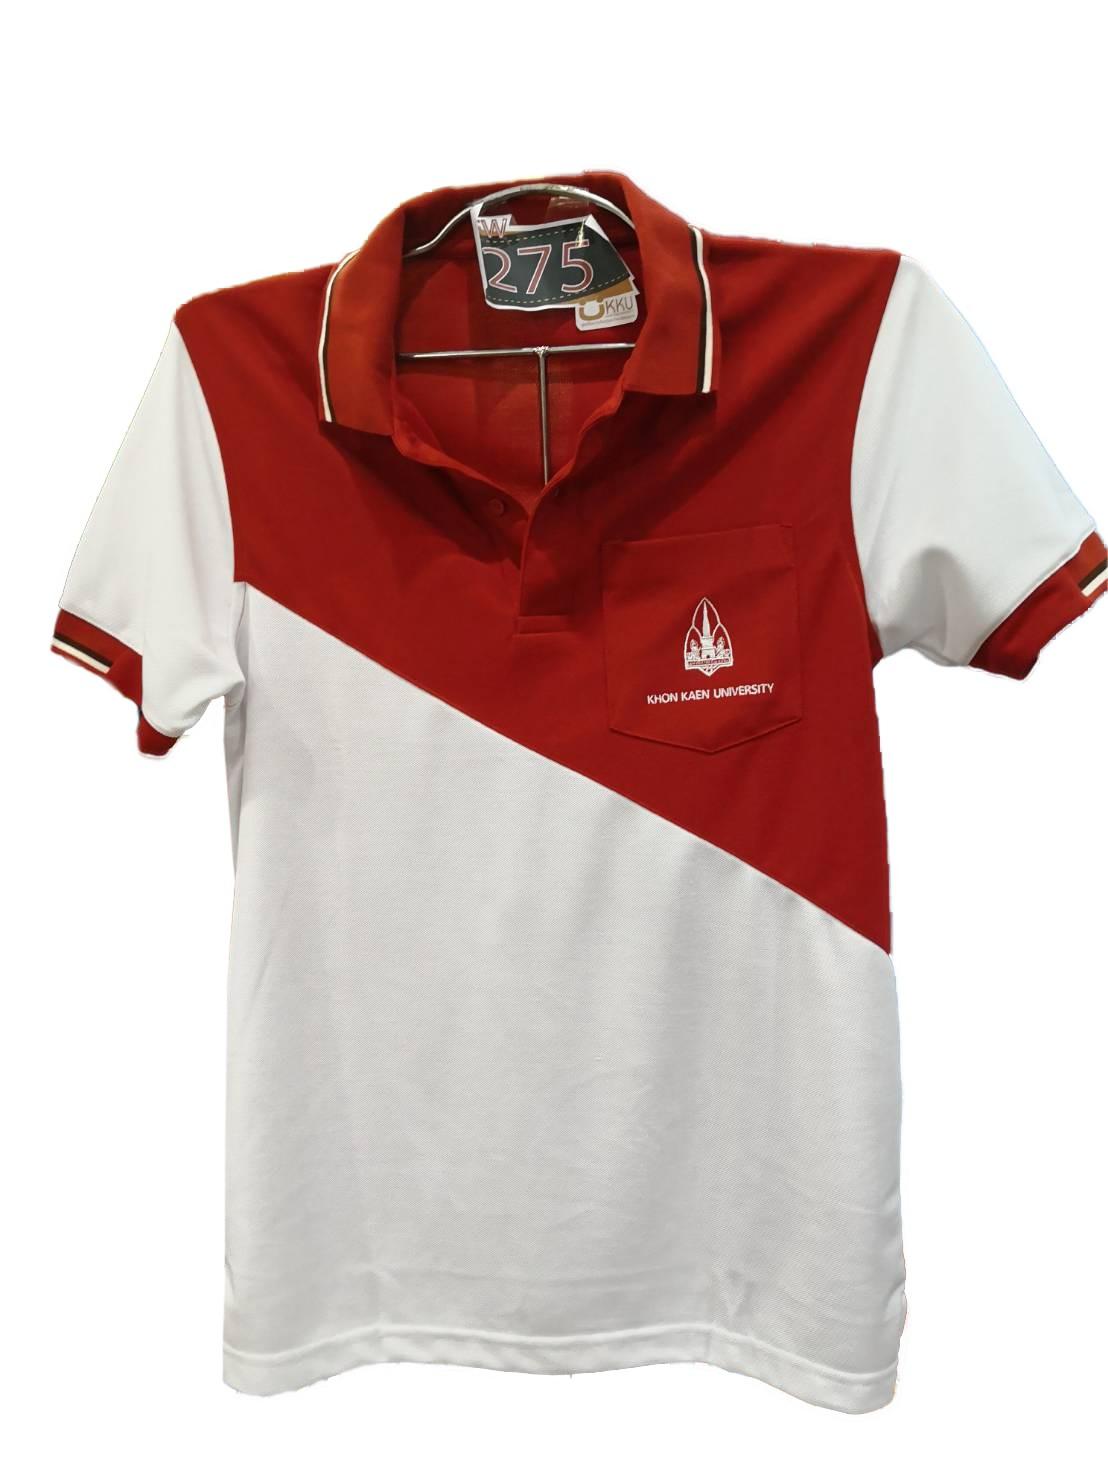 เสื้อโปโลปาดอิฐ-ขาว ไซส์ M ชาย